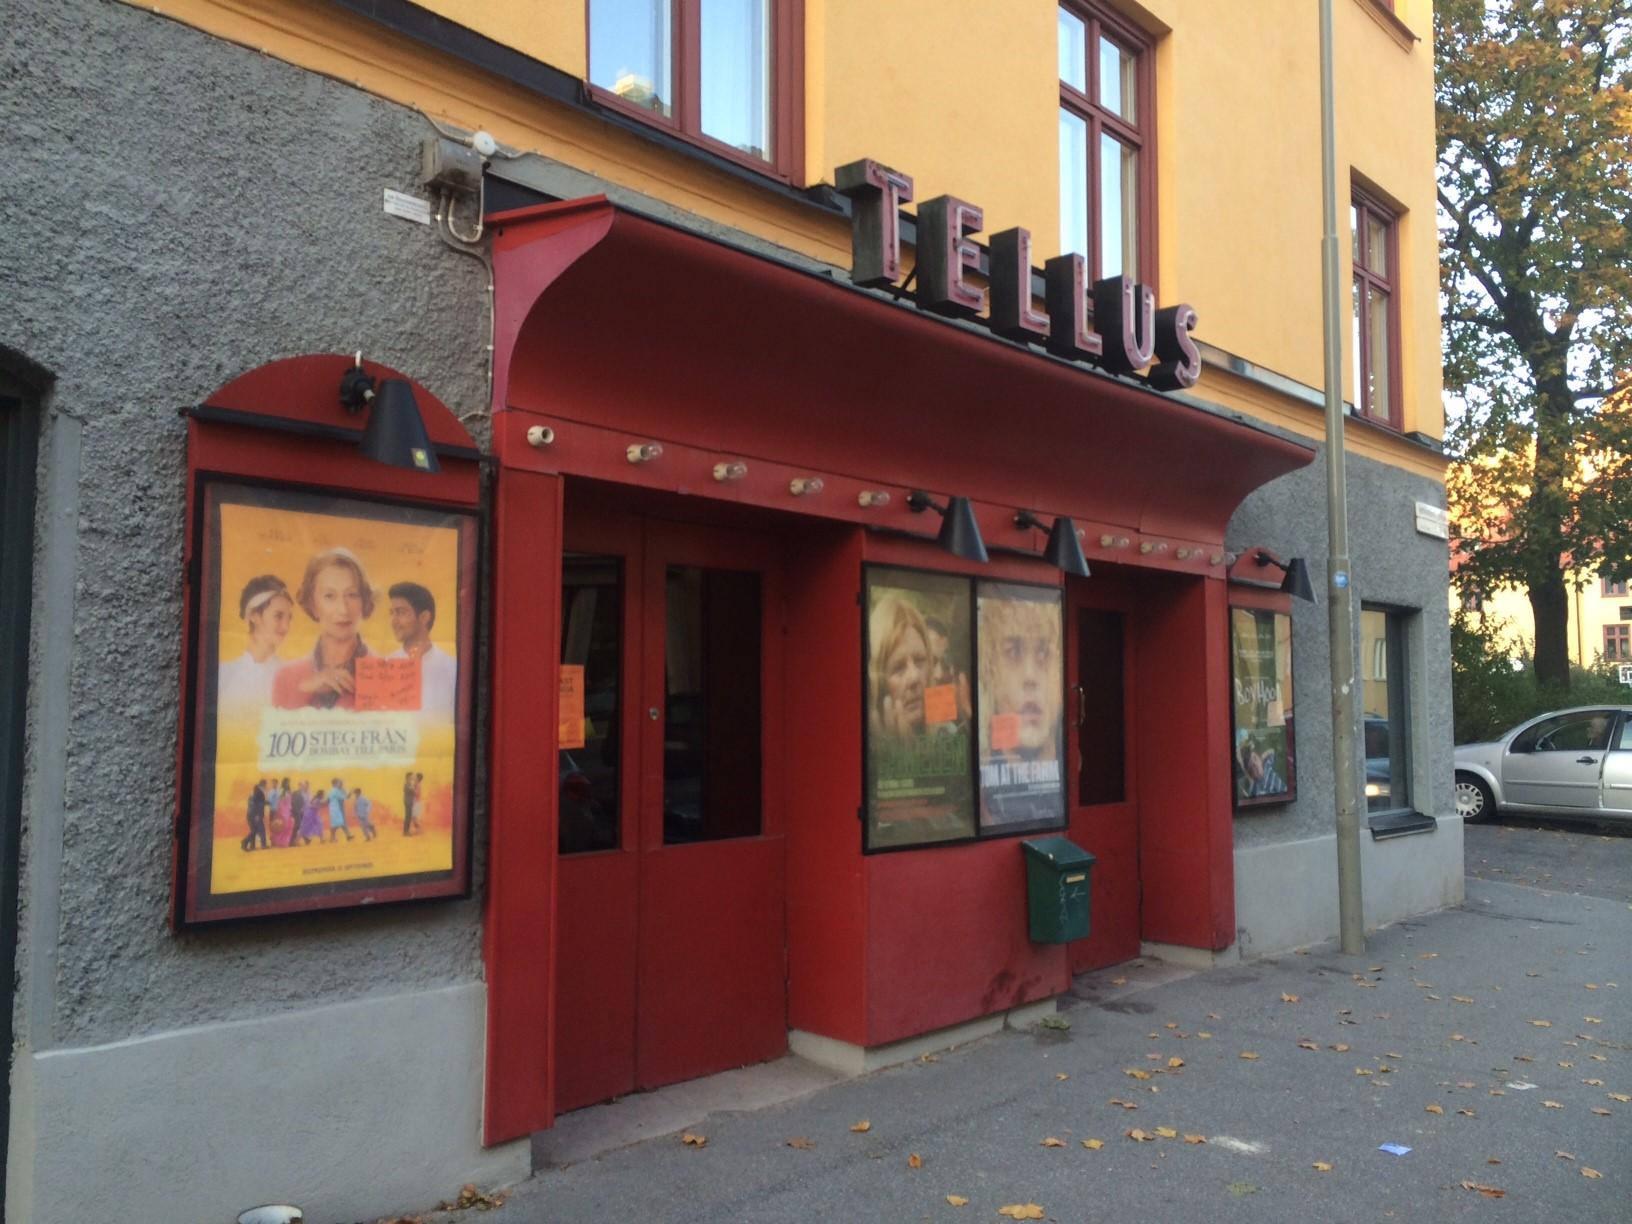 Tellusborgsvägen 90, 2 tr - Kultig kvartersbio